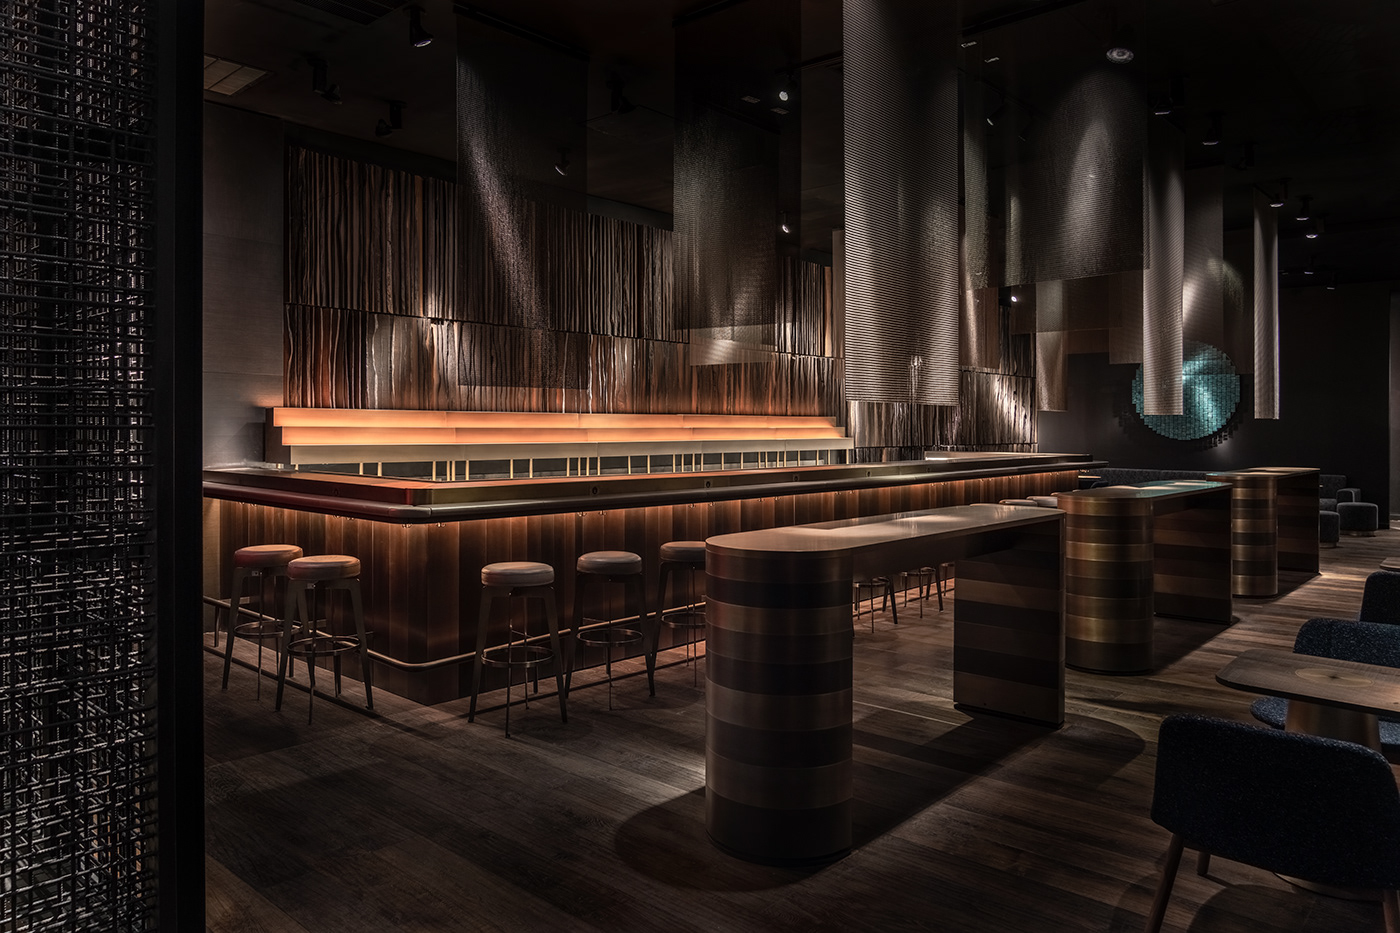 architecture bar Buddha buddha bar design modern art New York restaurant